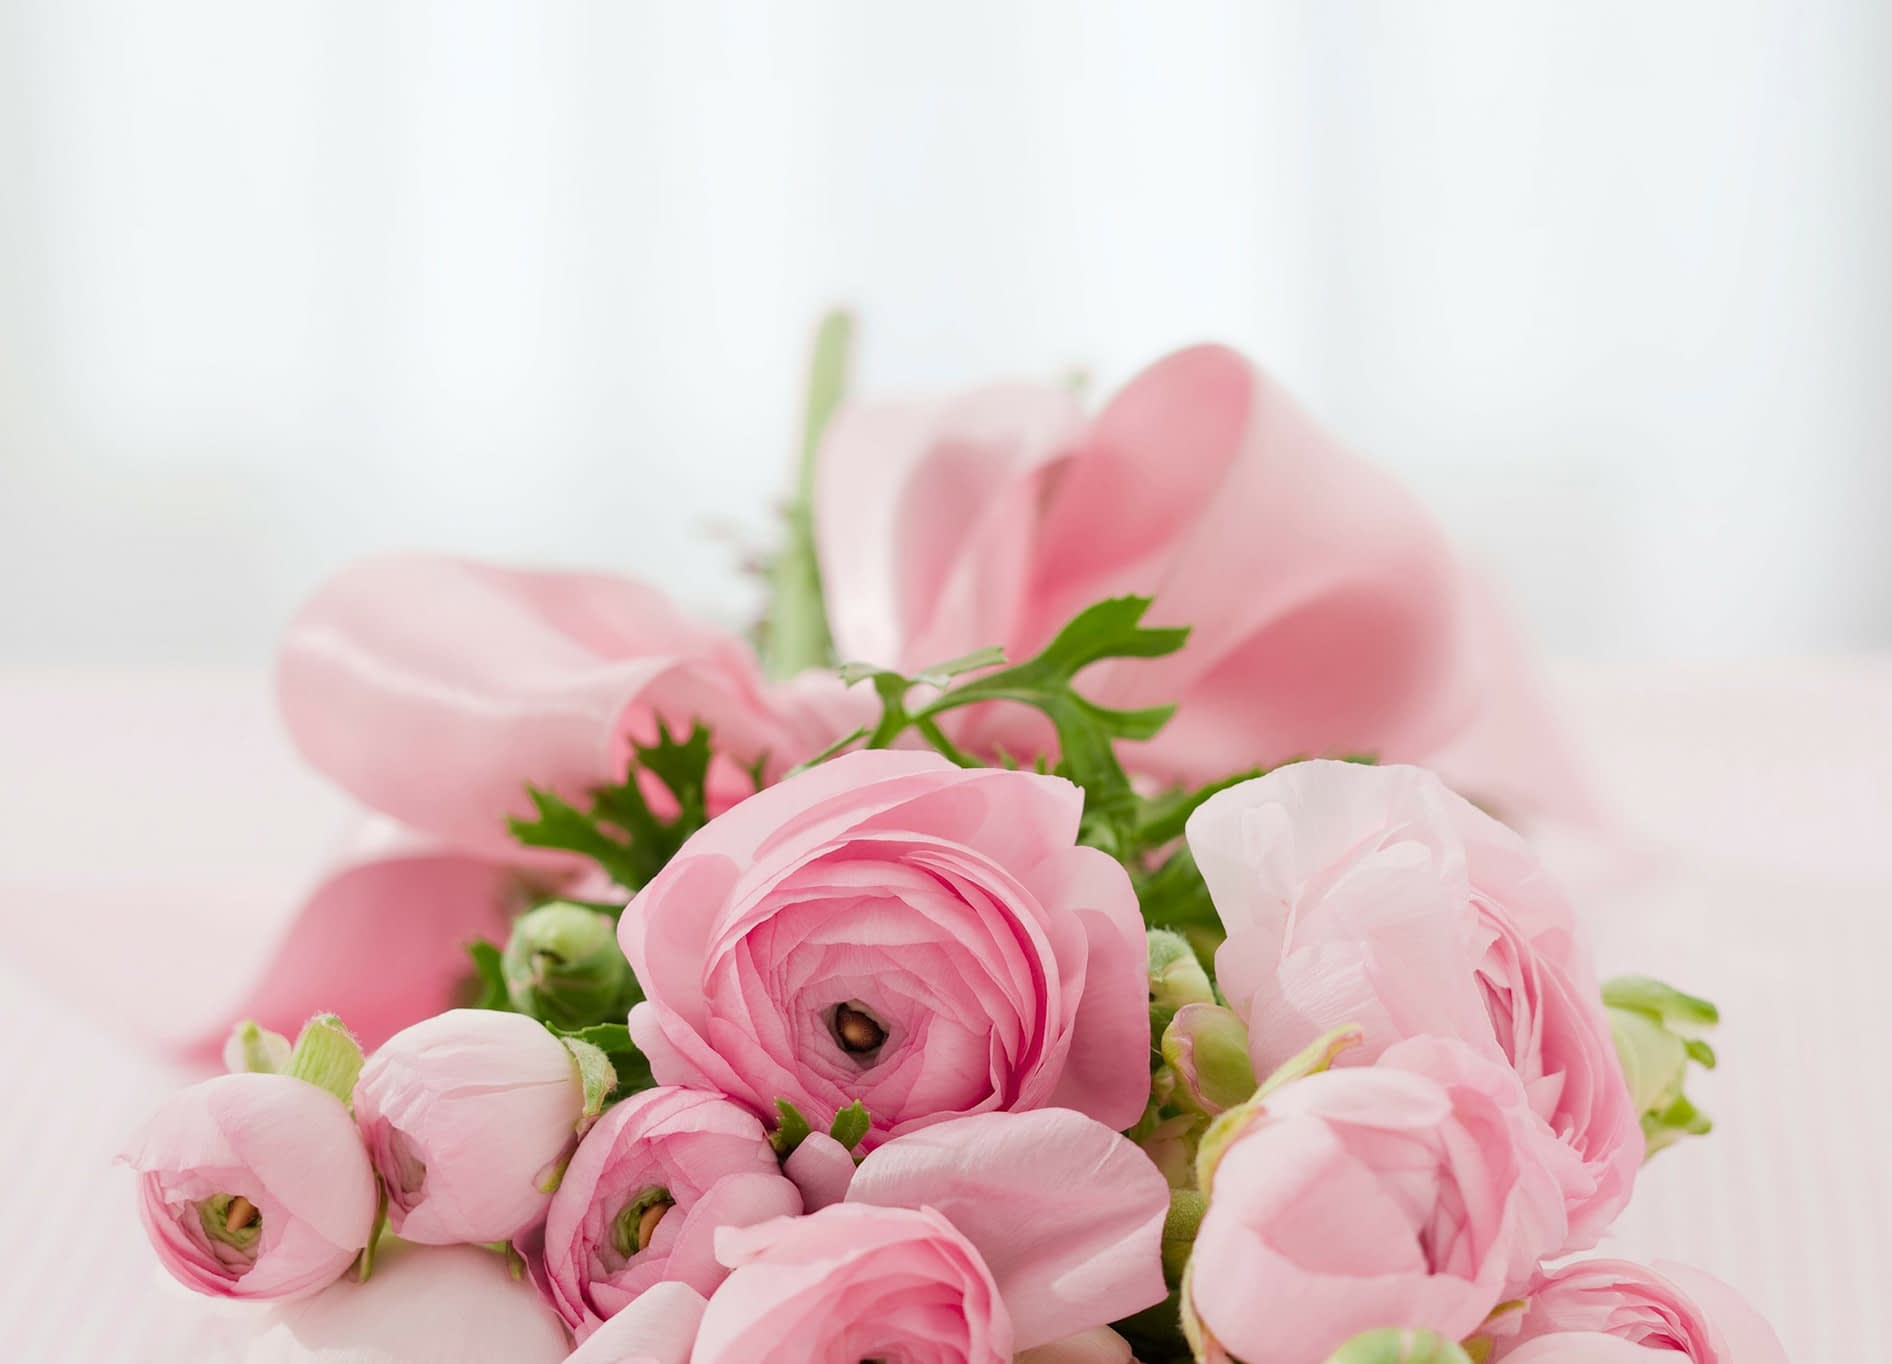 roses-142876_1920-2.jpg